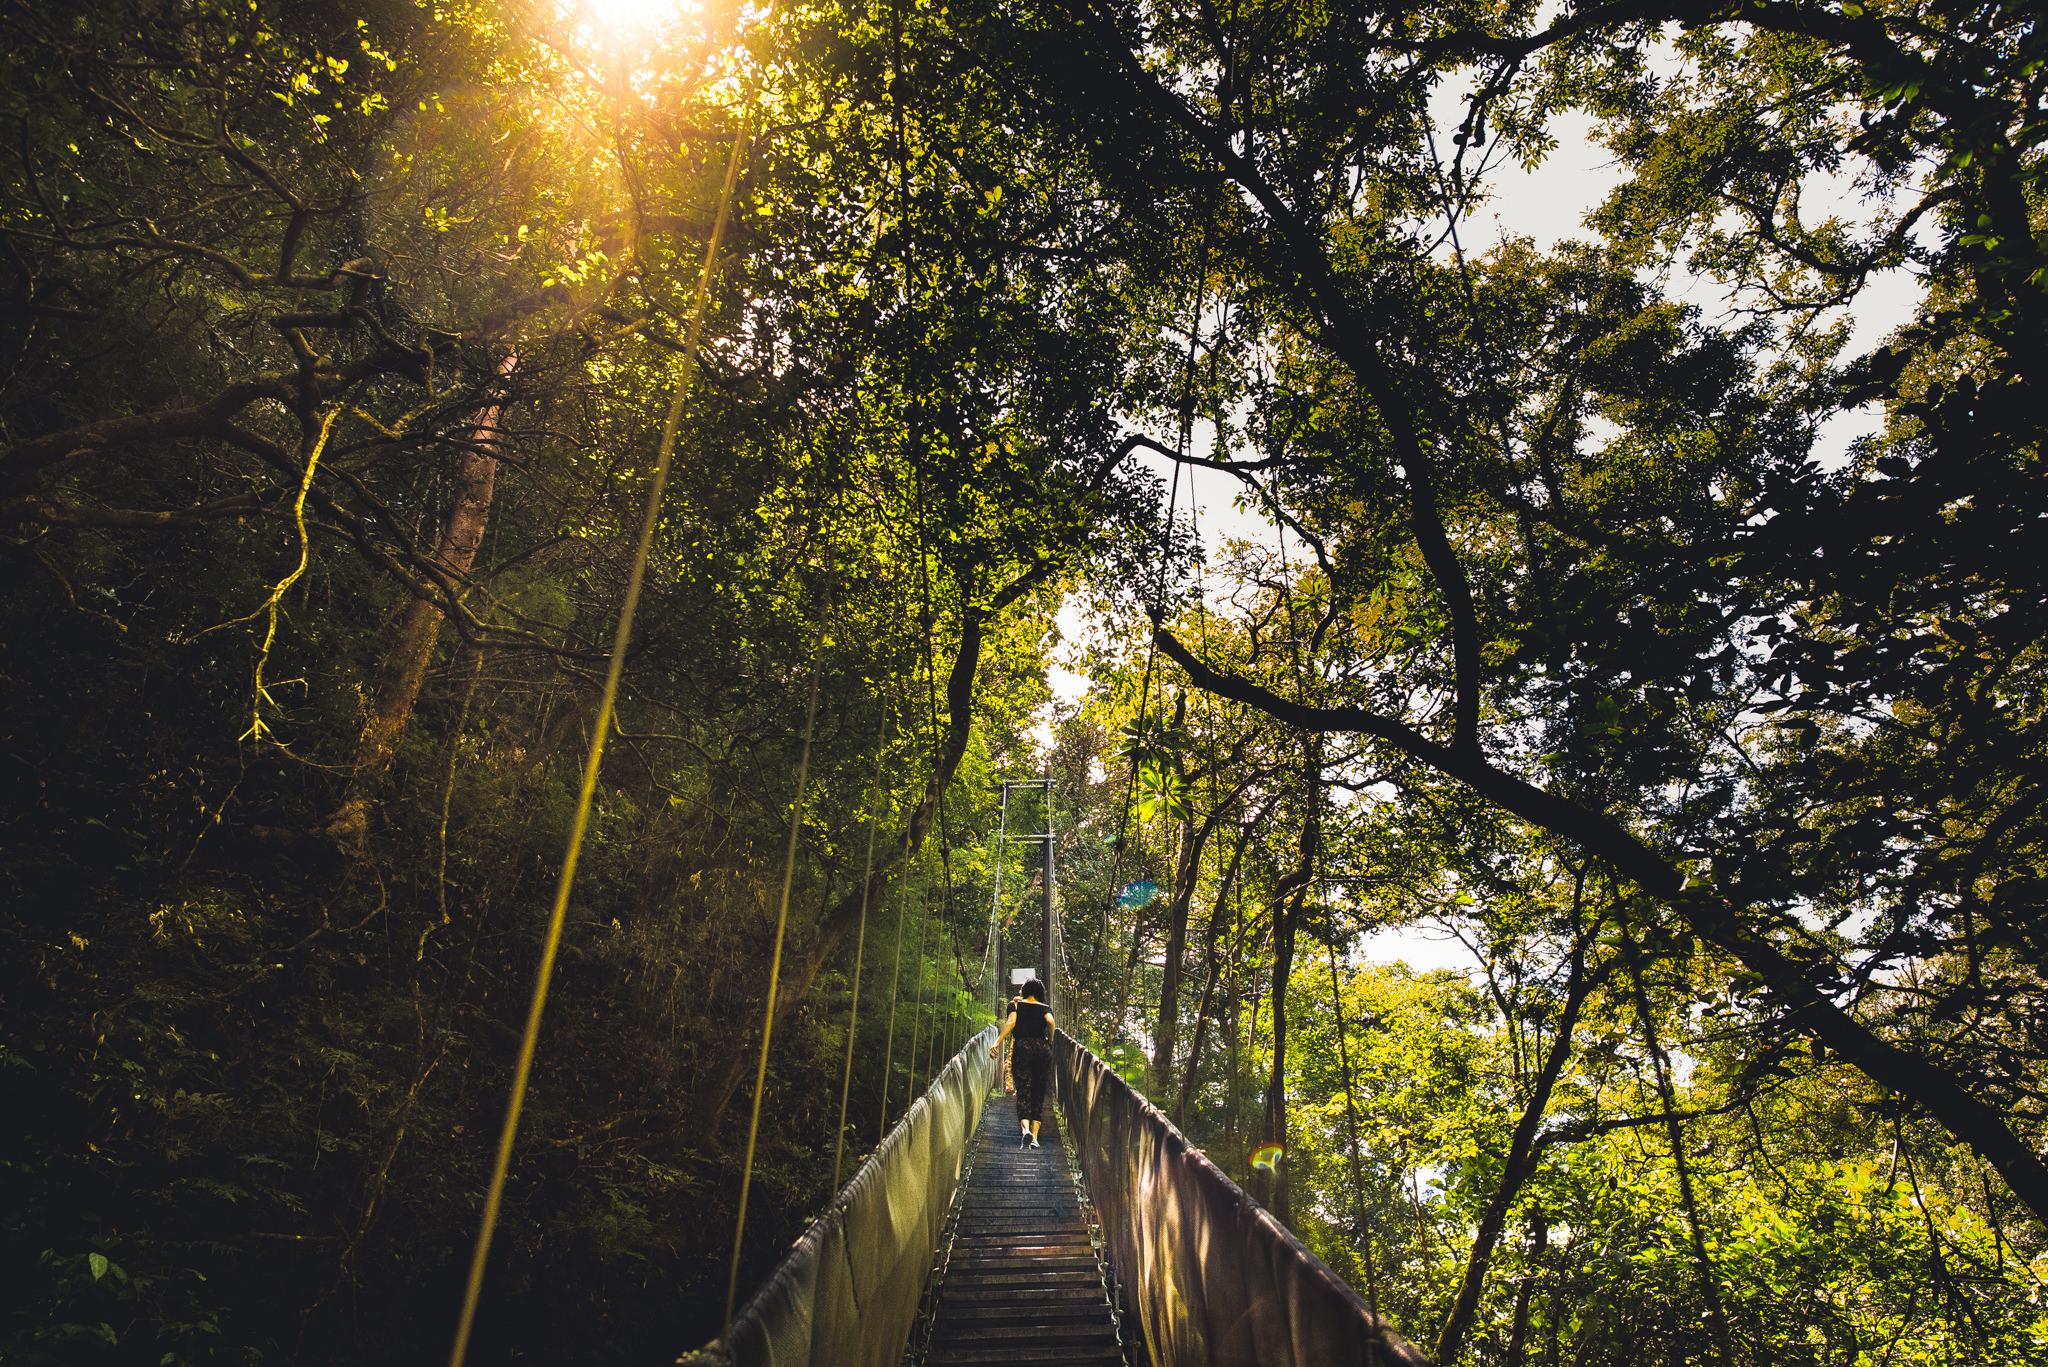 Jungle bridge in Costa Rica.